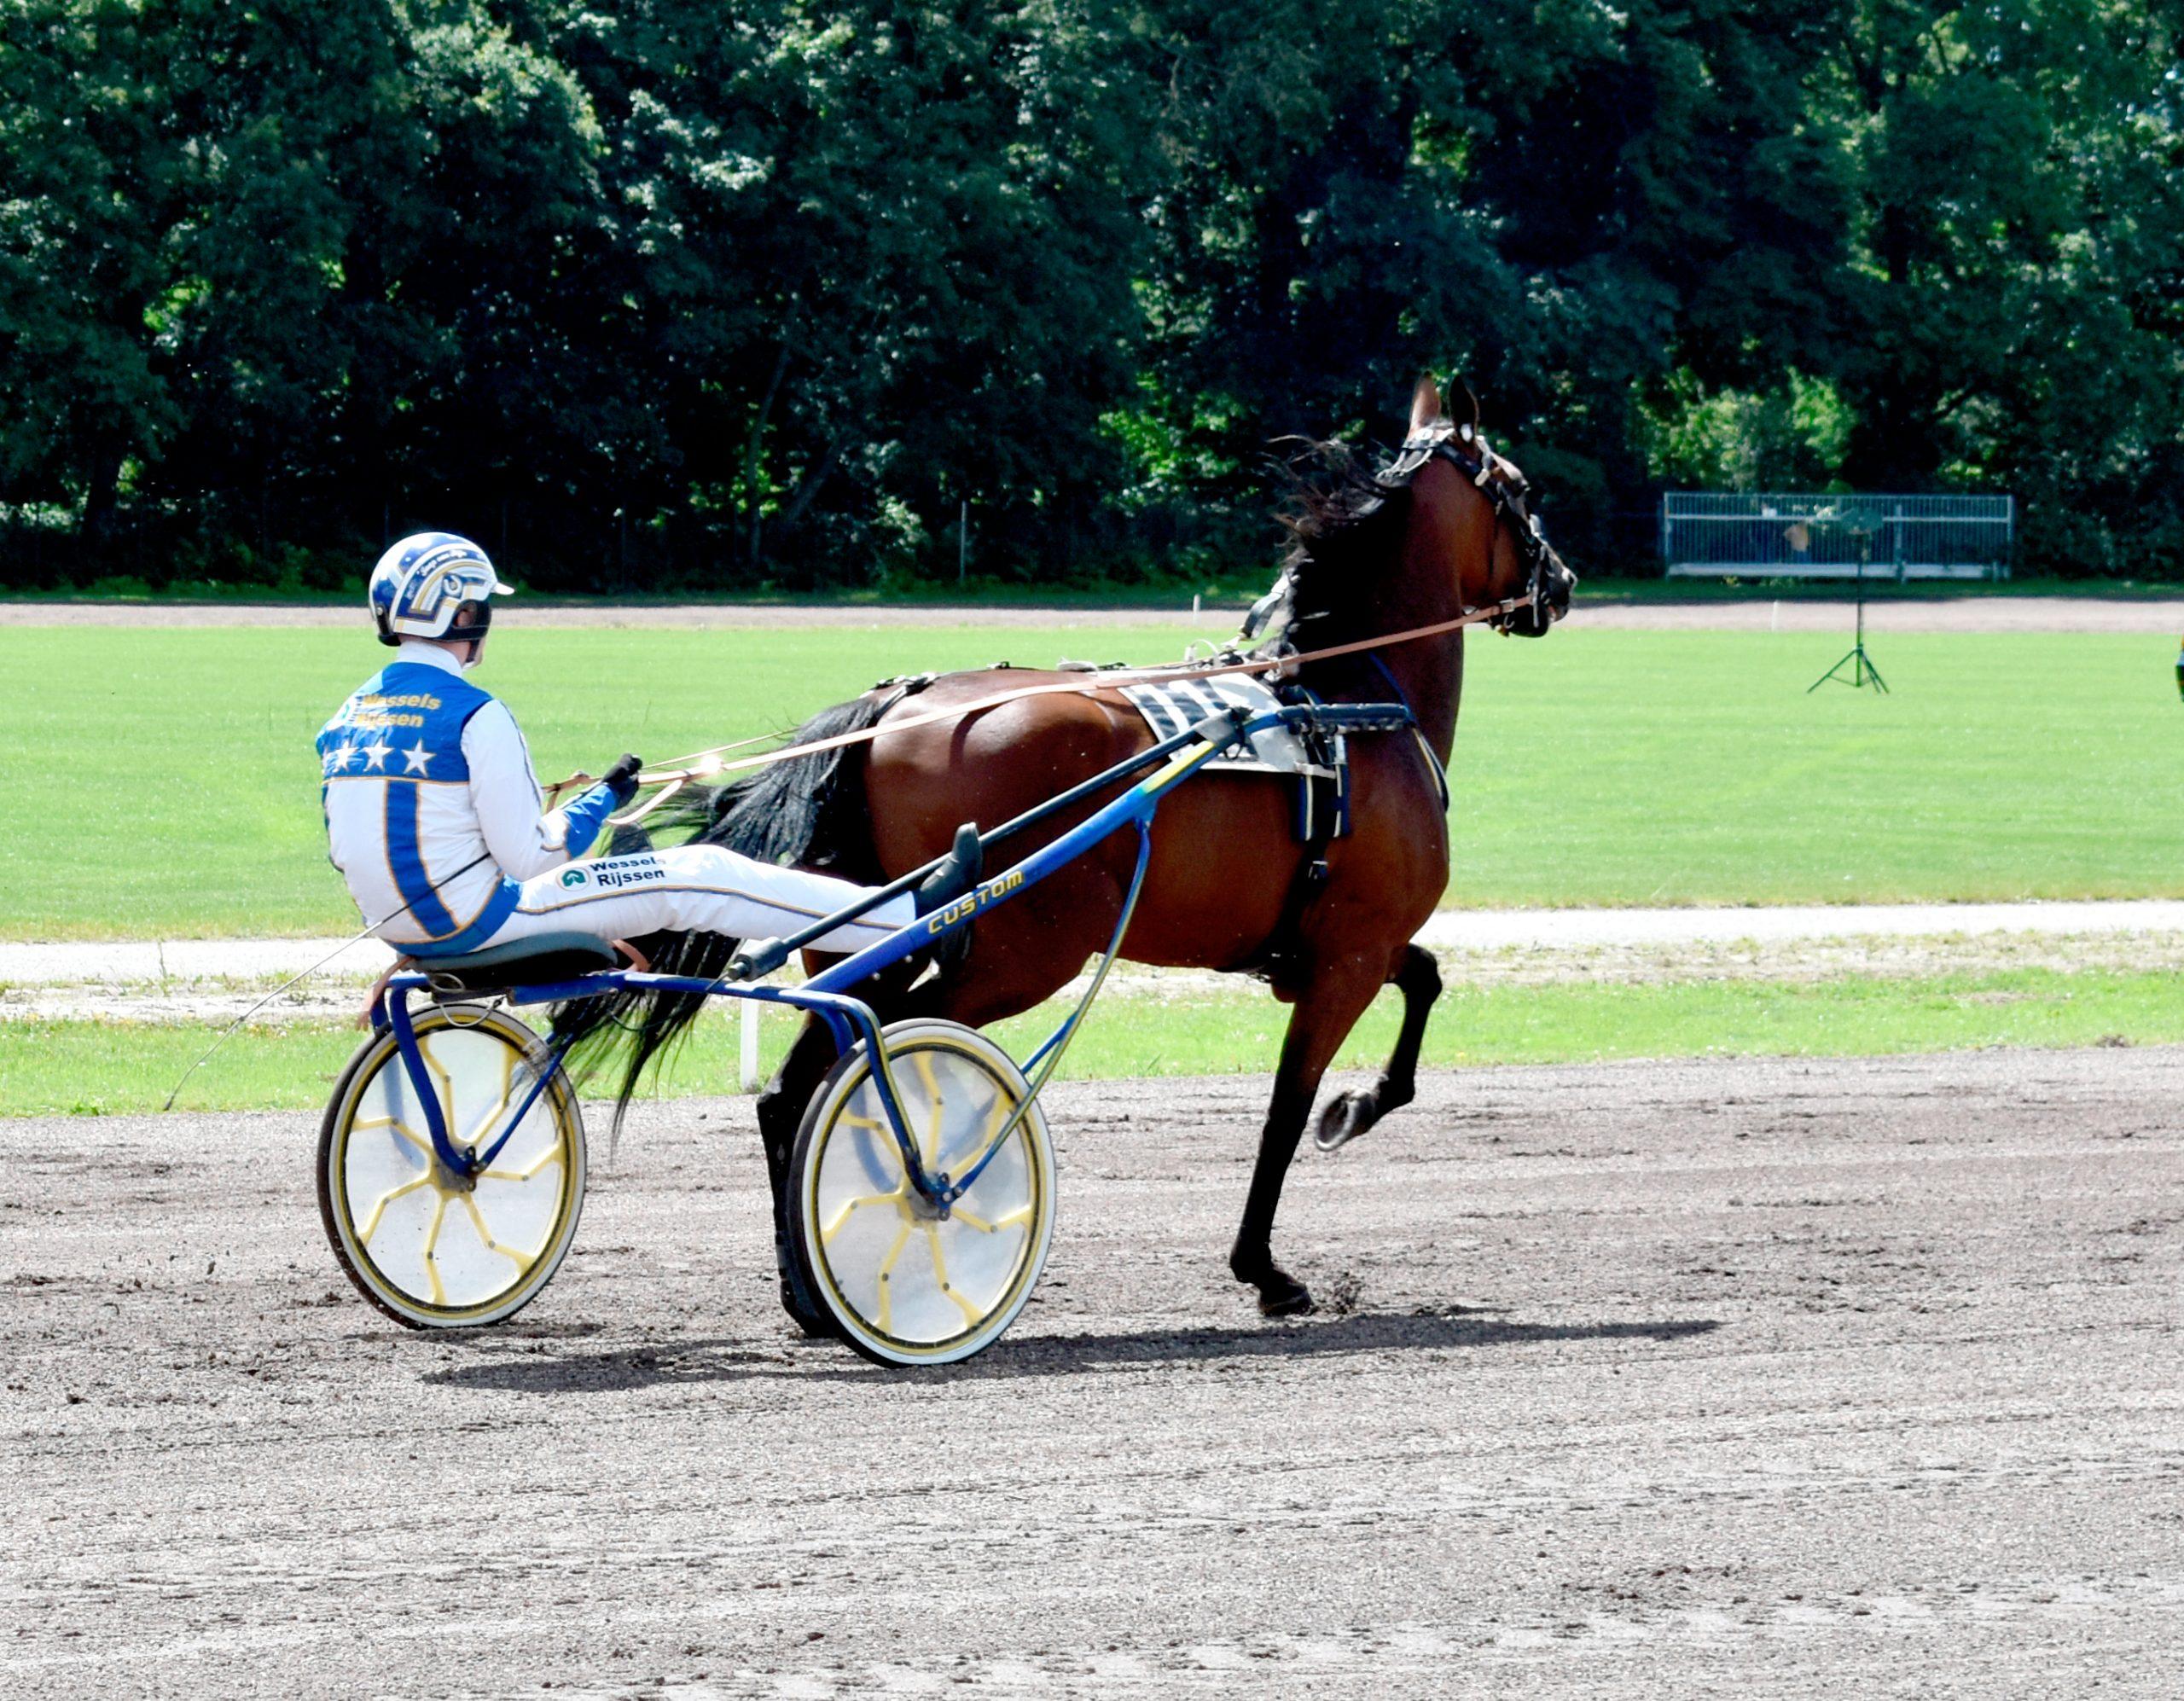 Paardensport Pikeur: Jaap van Rijn. Paard: Koral Dragon. Drafbaan Groningen Koersdag 12 july 2020. Behoud de drafbaan voor Groningen